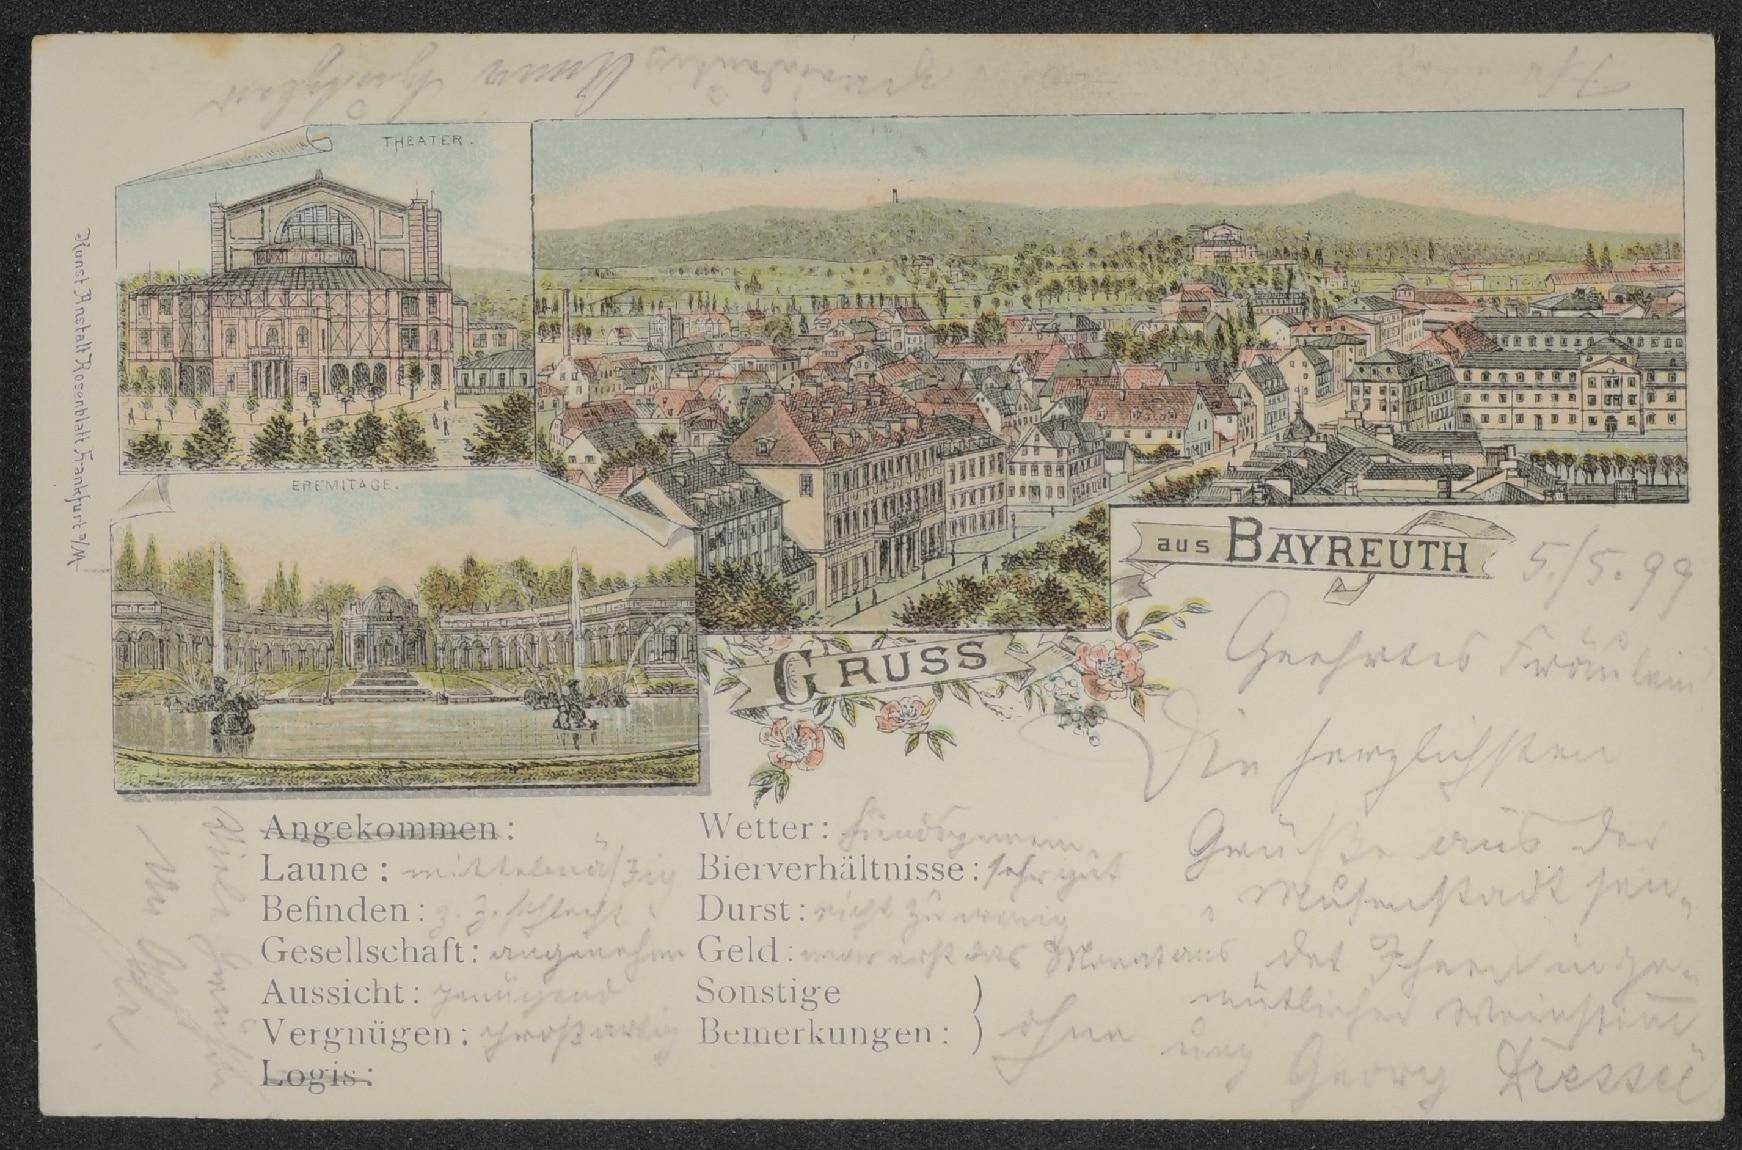 Ansichtskarte aus Bayreuth